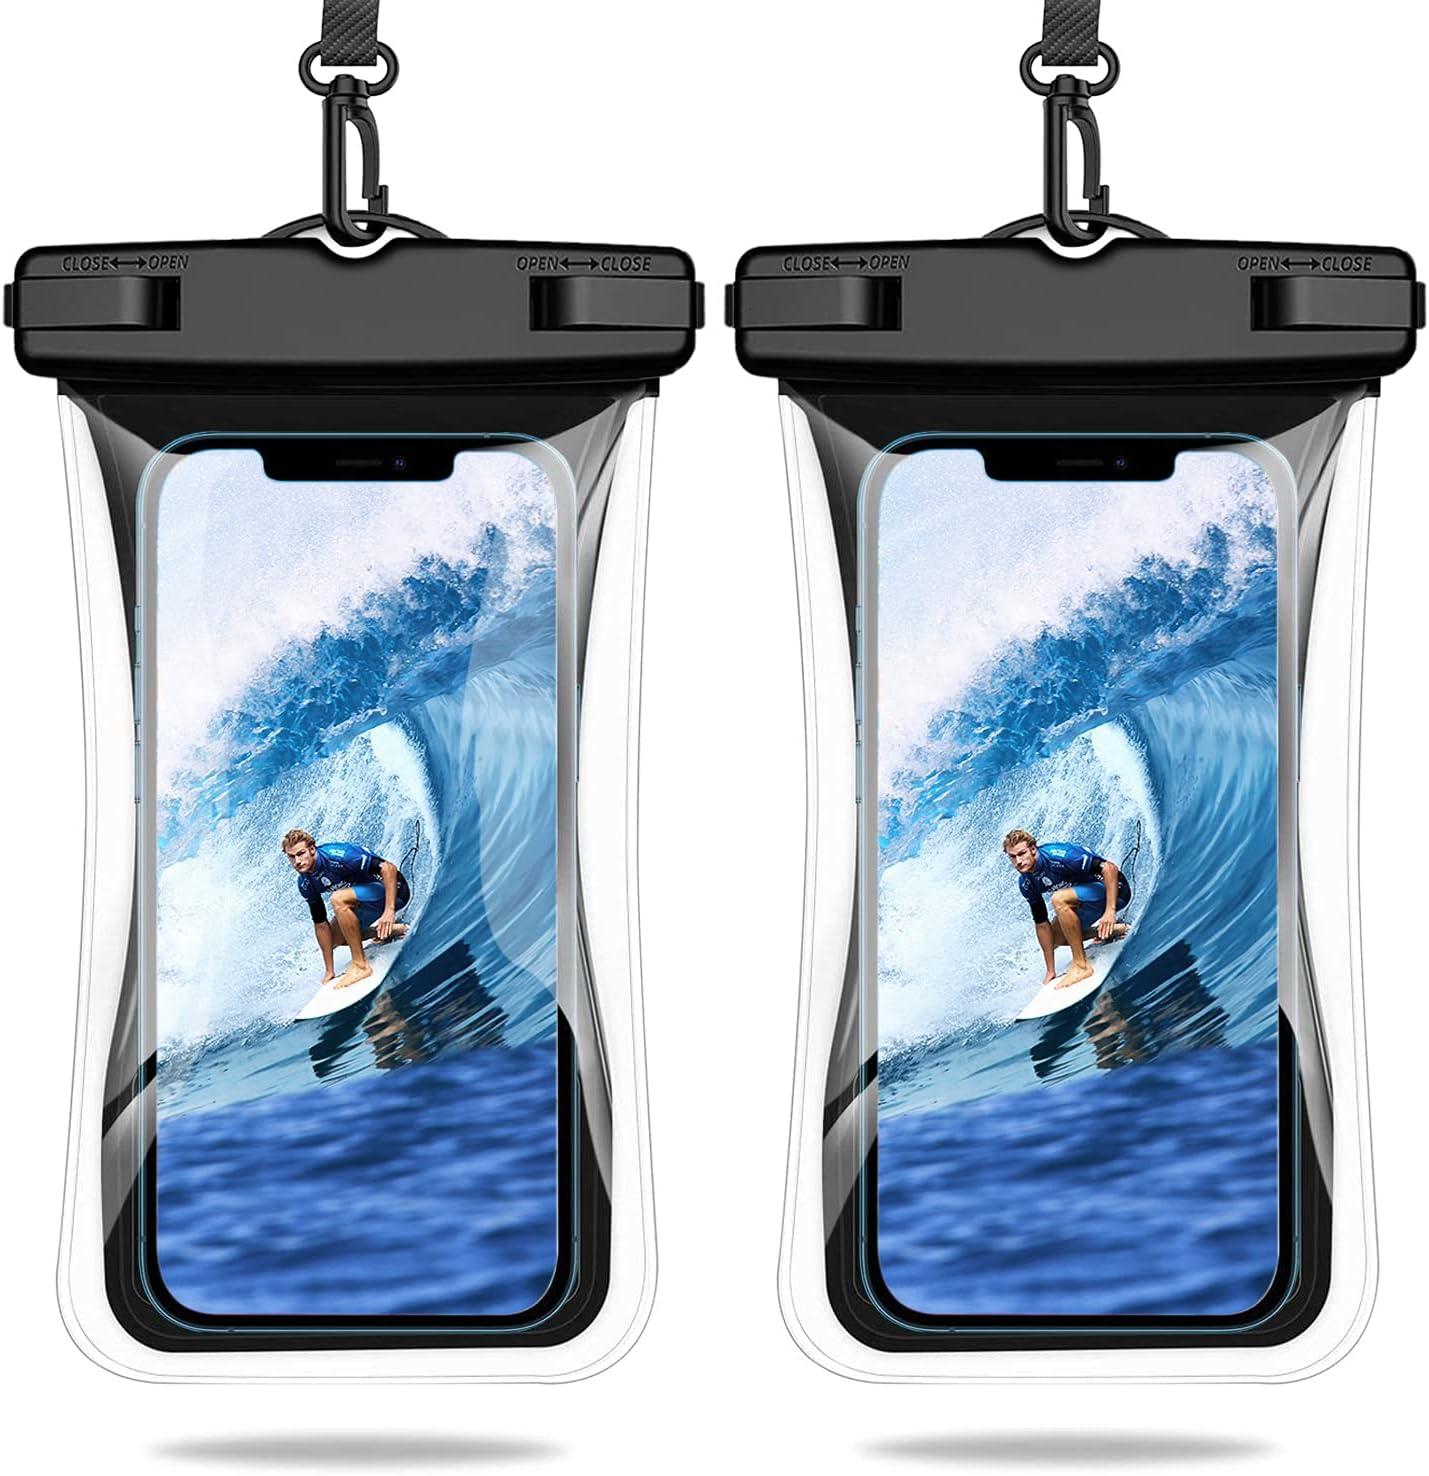 Weuiean Waterproof Phone Case Floating Waterproof Phone Bag, Lanyard Phone Dry Bag for iPhone 12/11/SE/XS/XR 8/7Plus, Samsung S21/20/10/10+/Note, LG, Pixel up to 6.9 inch - 2Pack Black + Black